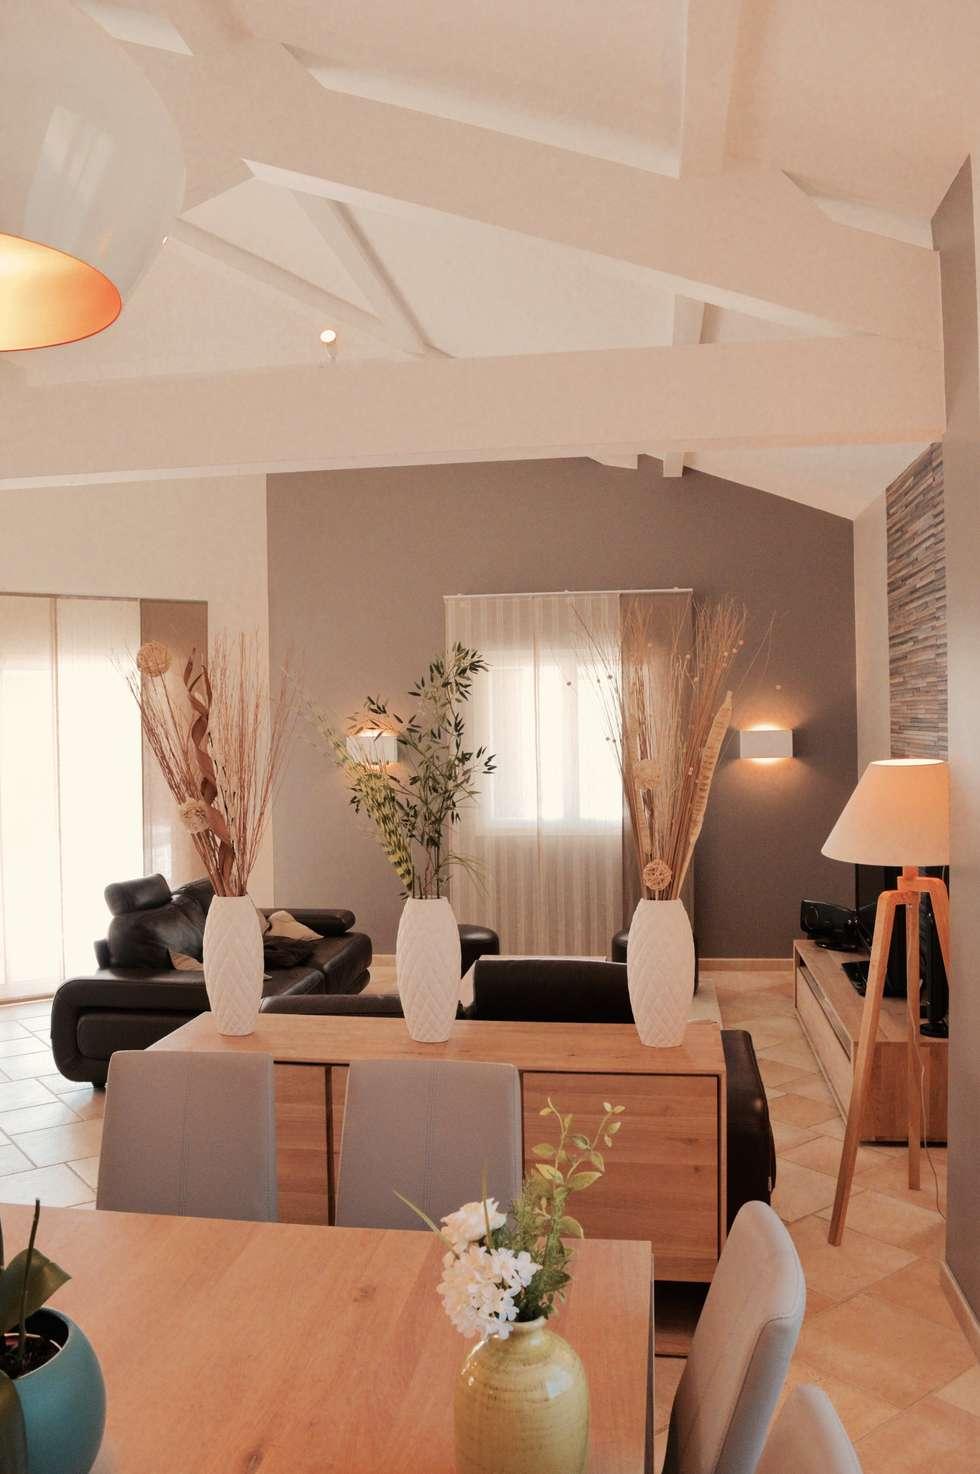 Rénovation complète d'un espace salon/cuisine/salle à manger dans un style très lumineux : Salon de style de style Moderne par COLOMBE MARCIANO